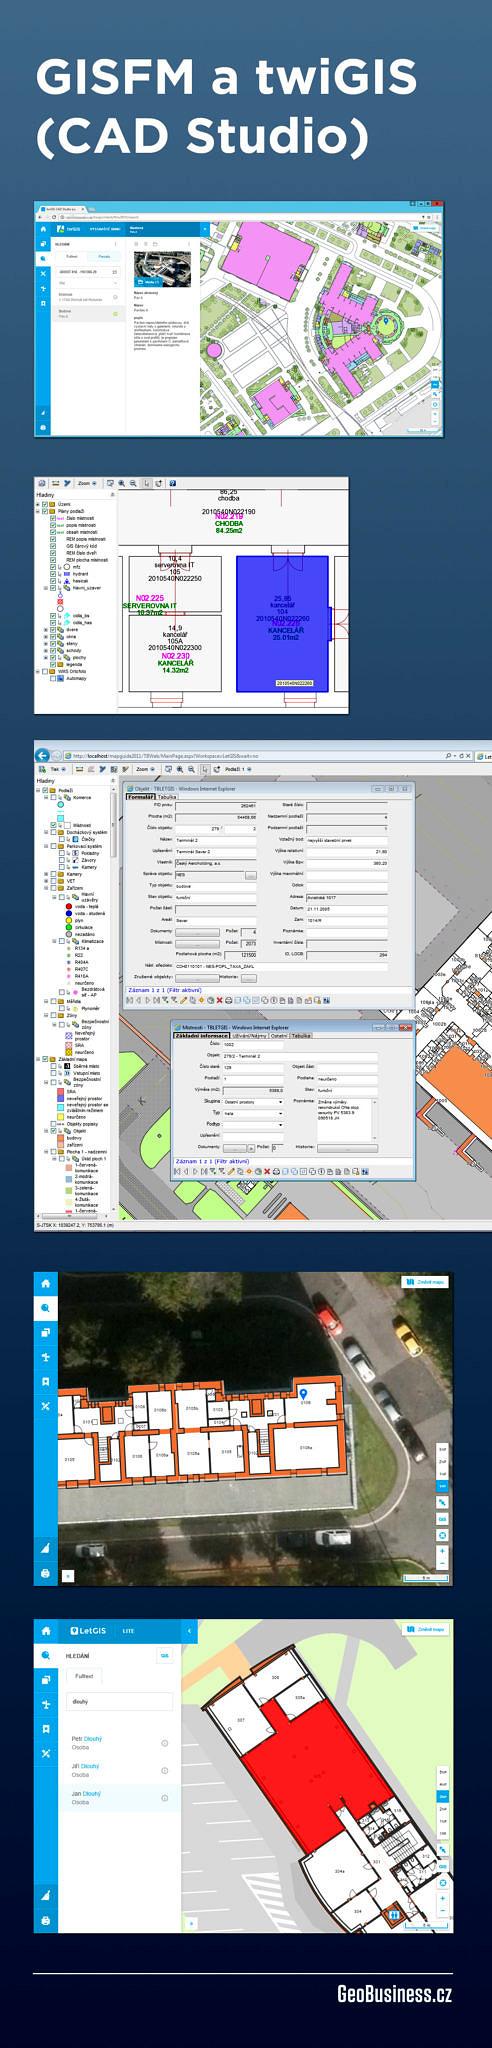 CAD Studio - GISFM a twiGIS / GeoBusiness.cz